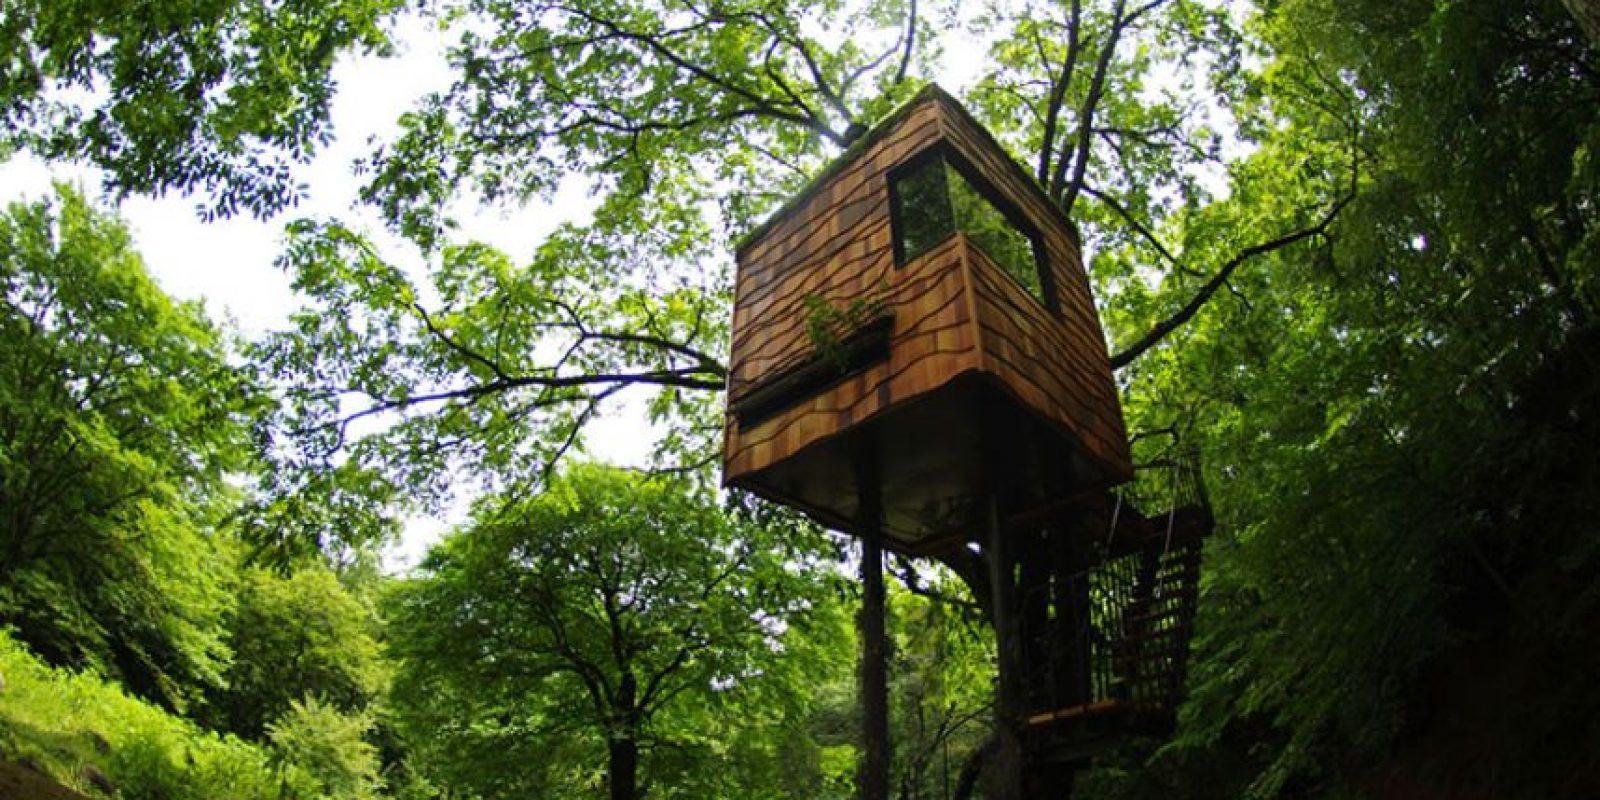 """Diseñado por Takashi Kobayashi, The Tree House busca a """"romper el sentimiento de separación que existe entre los seres humanos y la naturaleza."""" Foto:architecturendesign.net"""